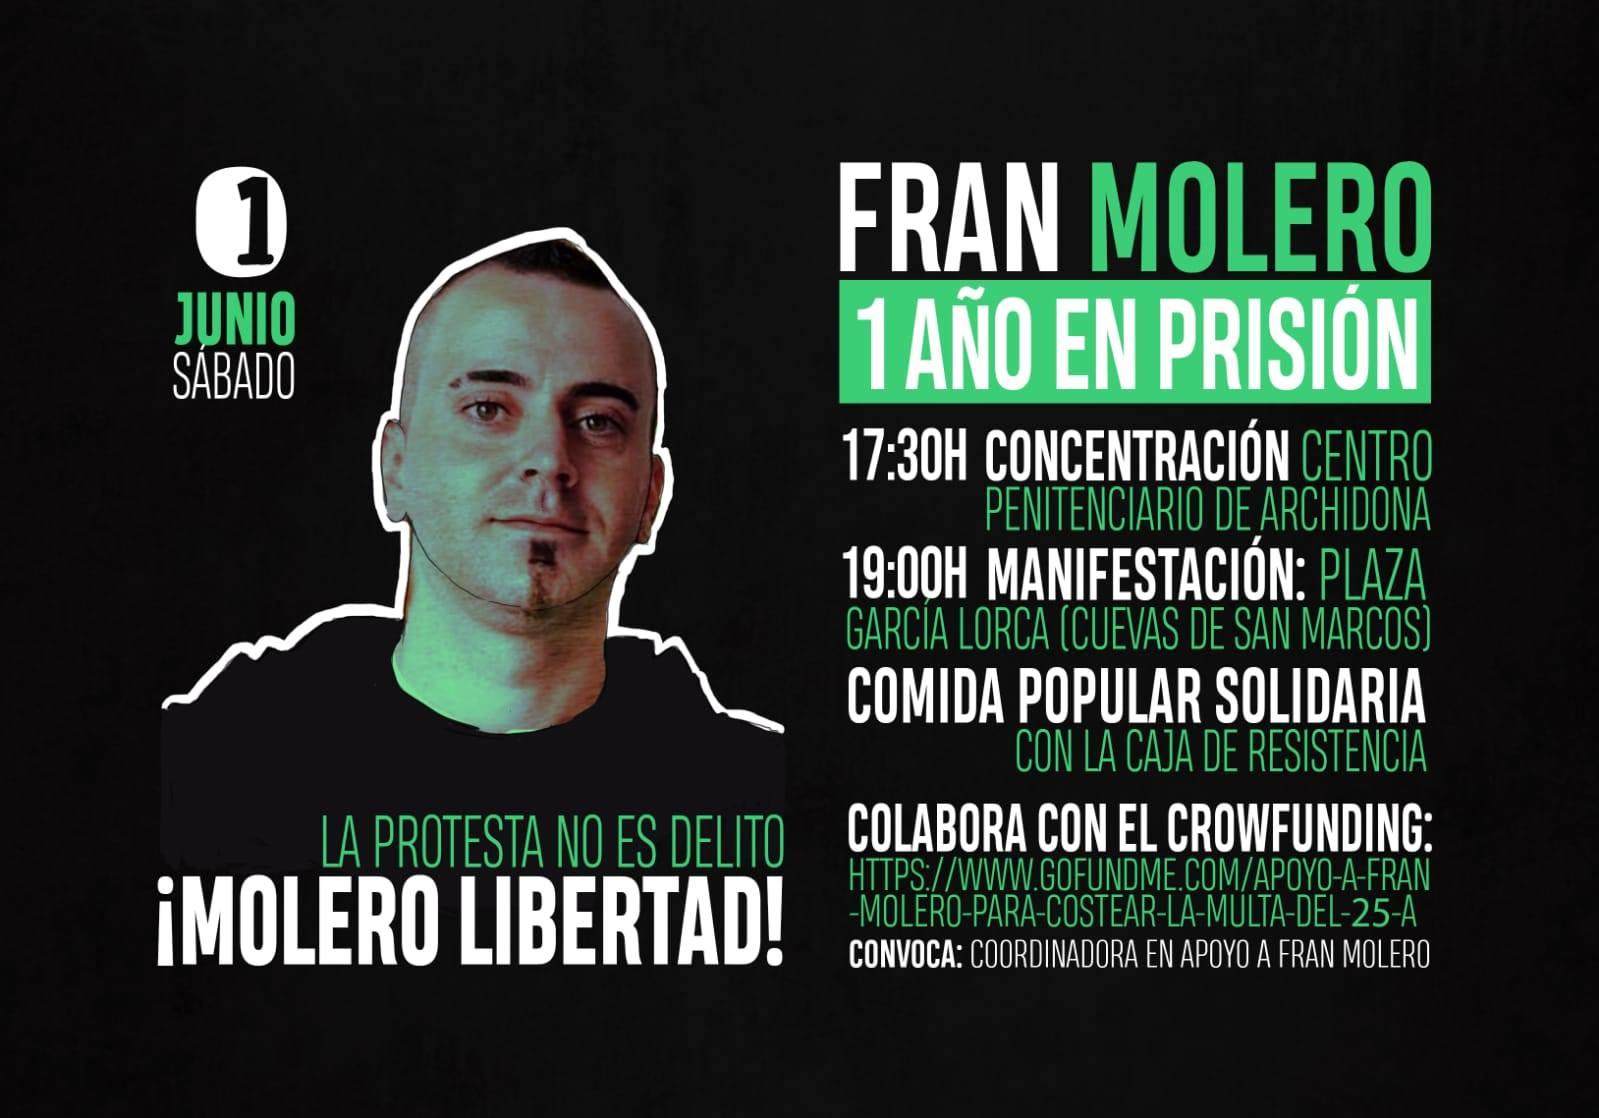 MOVILIZACIONES EN APOYO A FRAN MOLERO(1AÑO EN PRISIÓN) LA PROTESTA NO ES DELEITO. ¡MOLERO LIBERTAD!